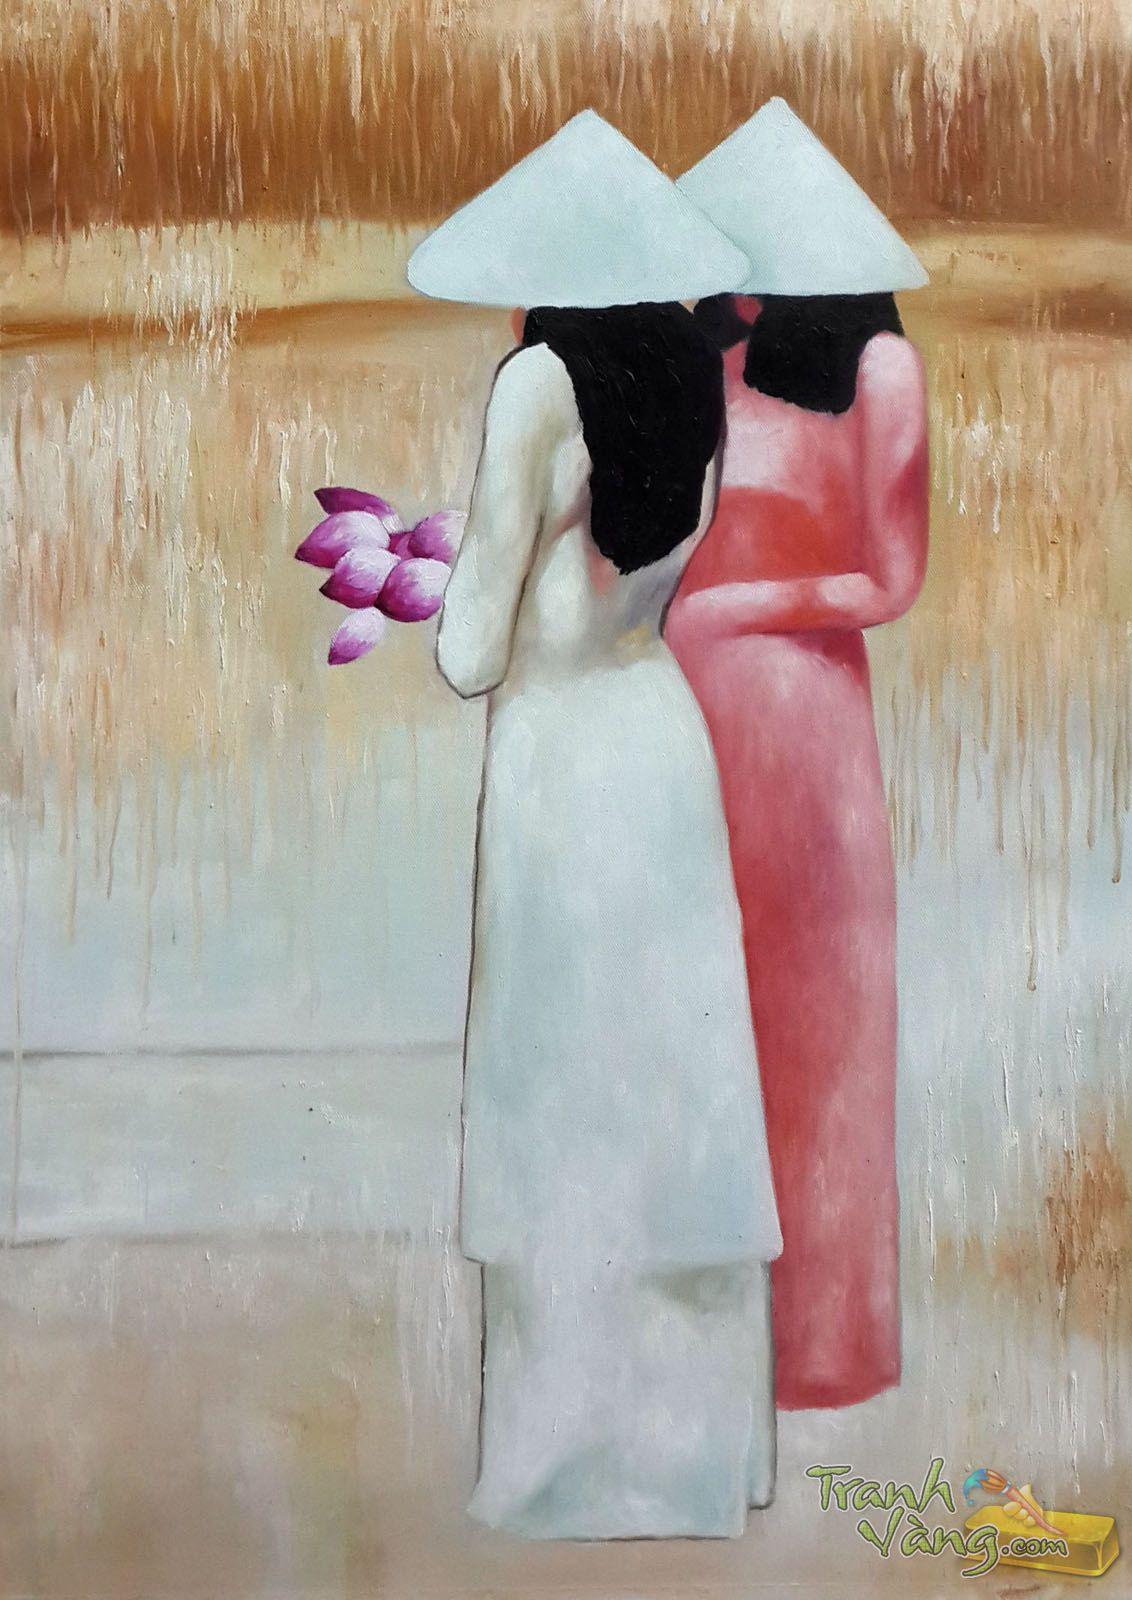 Nguyễn Thanh Binh B1954 Hanoi Vietnam Peinture Chinoise